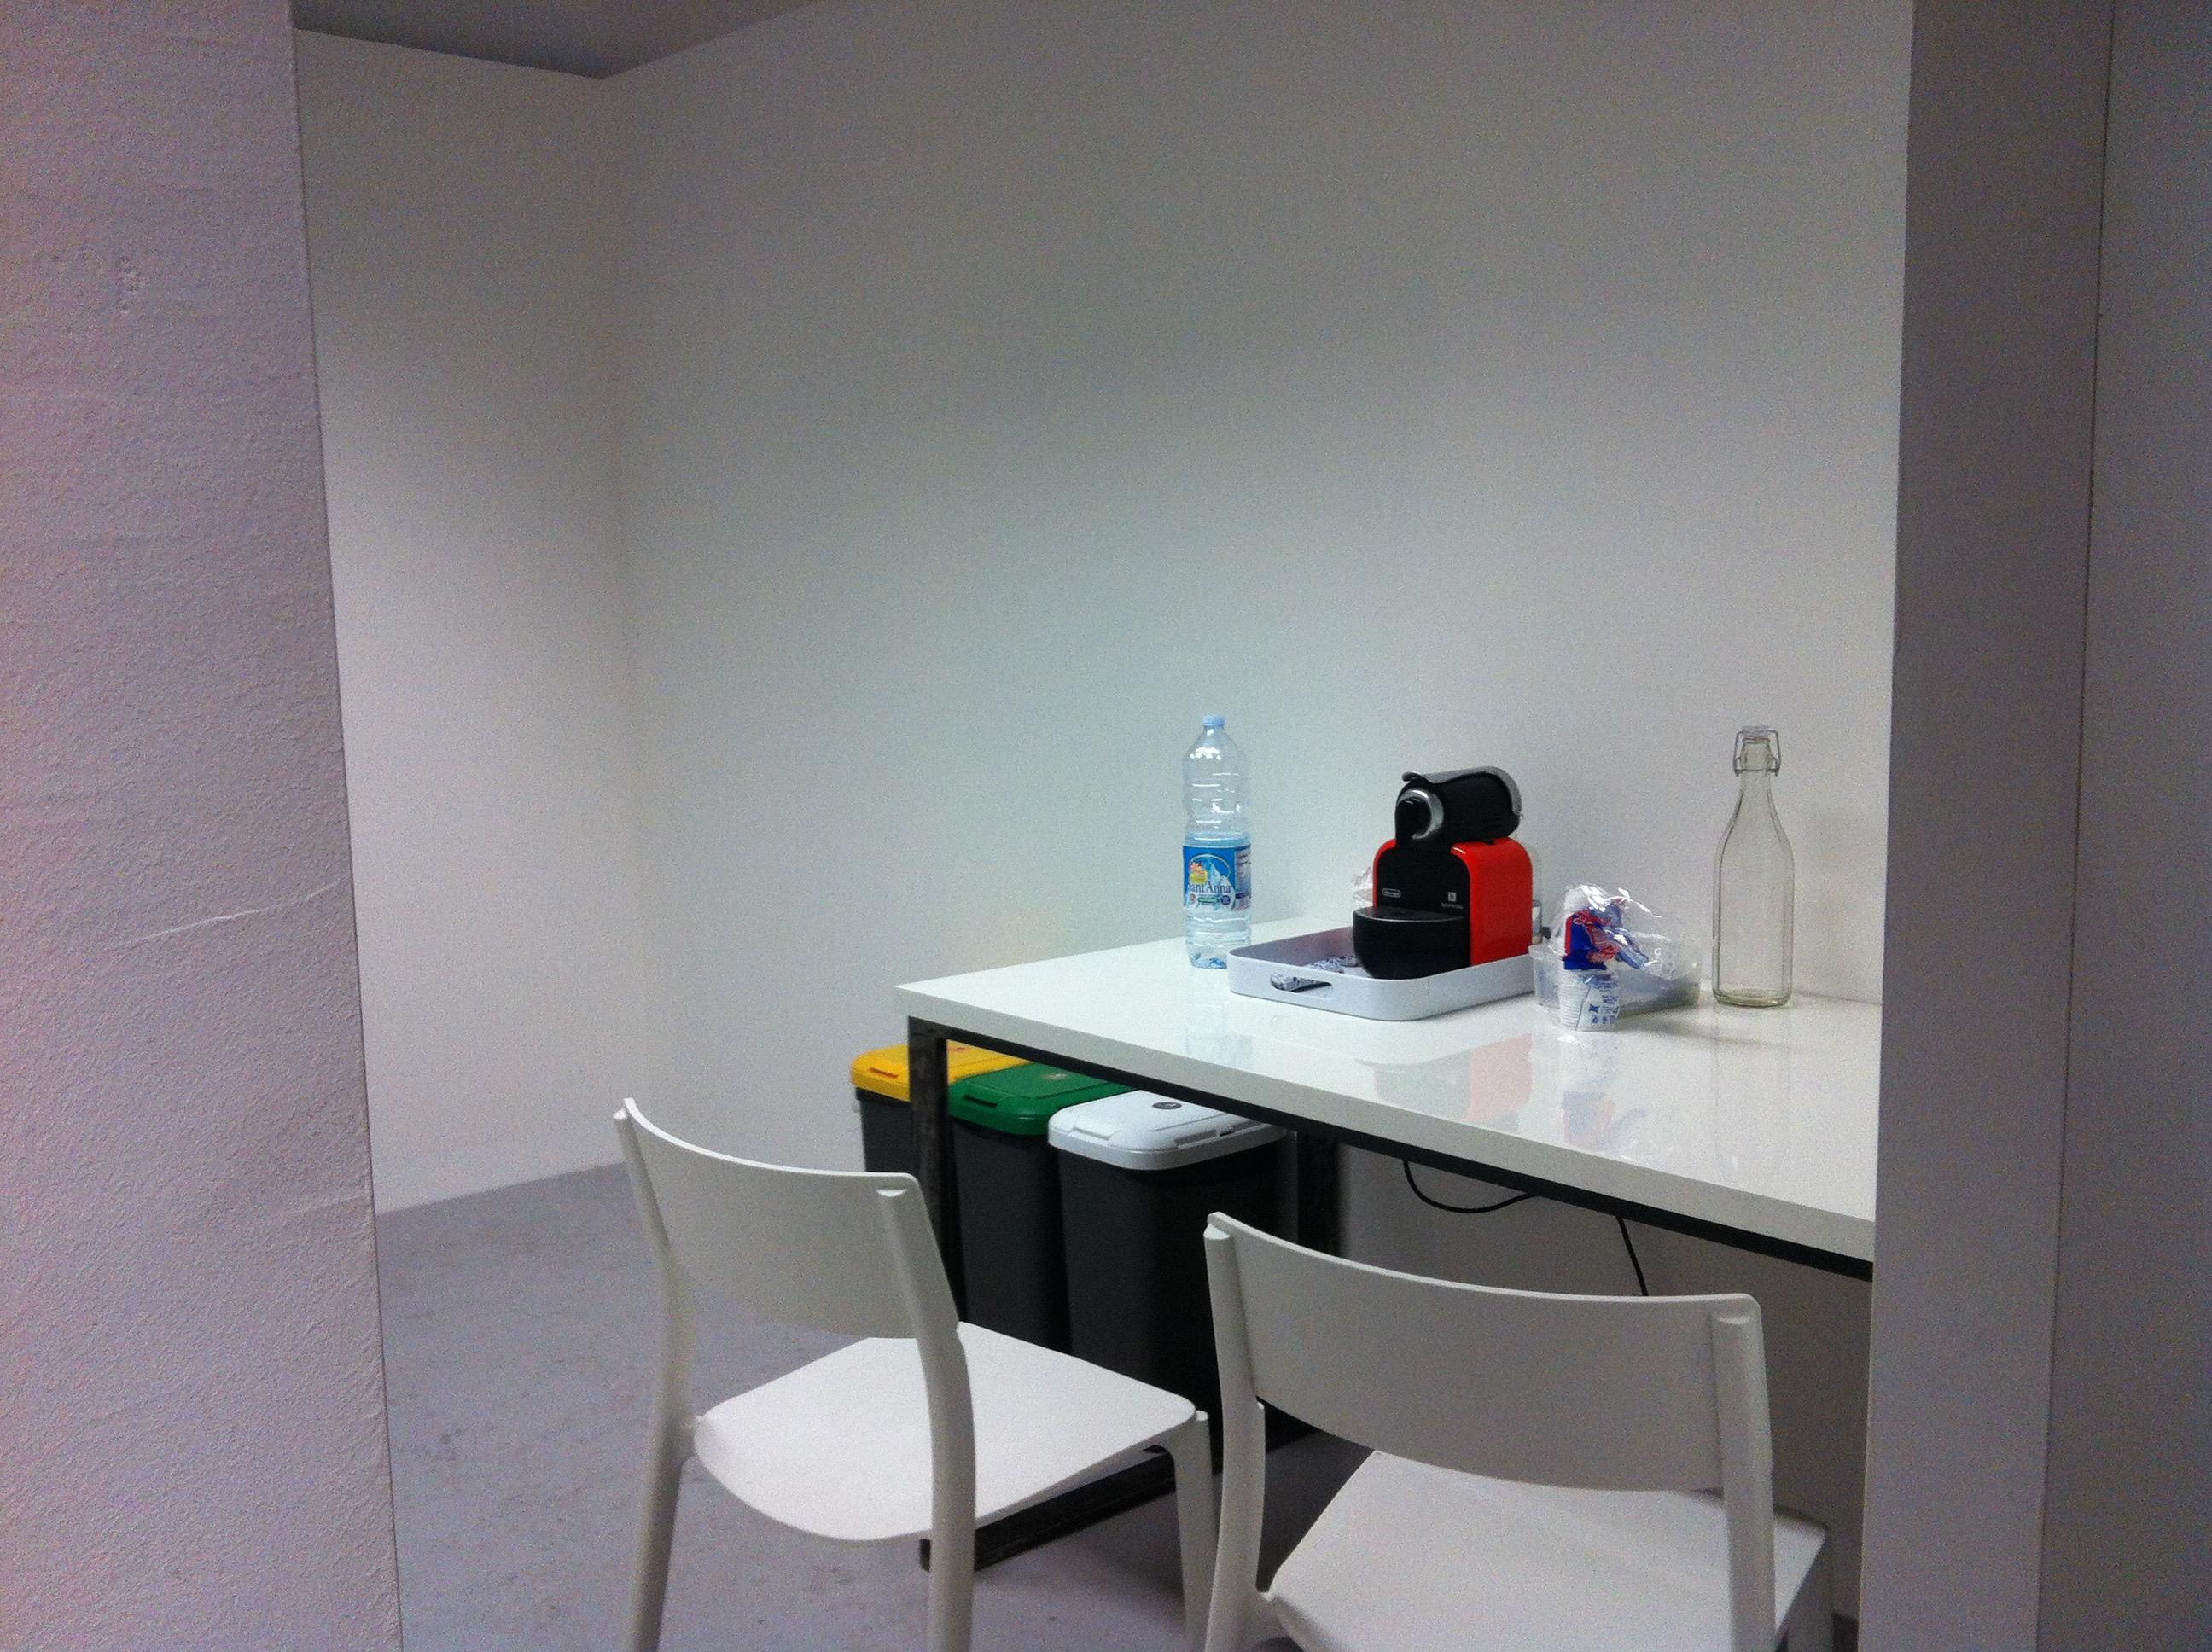 Hub / Spoke coffee room